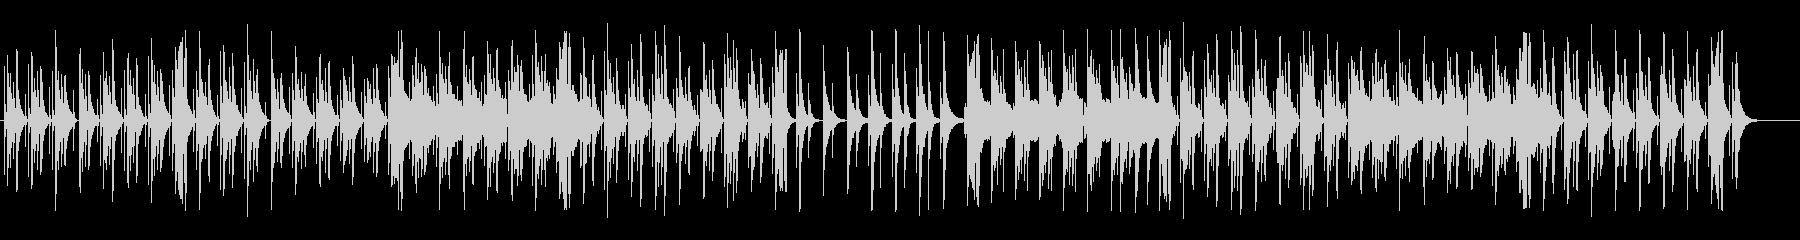 のどかで可愛い木琴フルートポップの未再生の波形